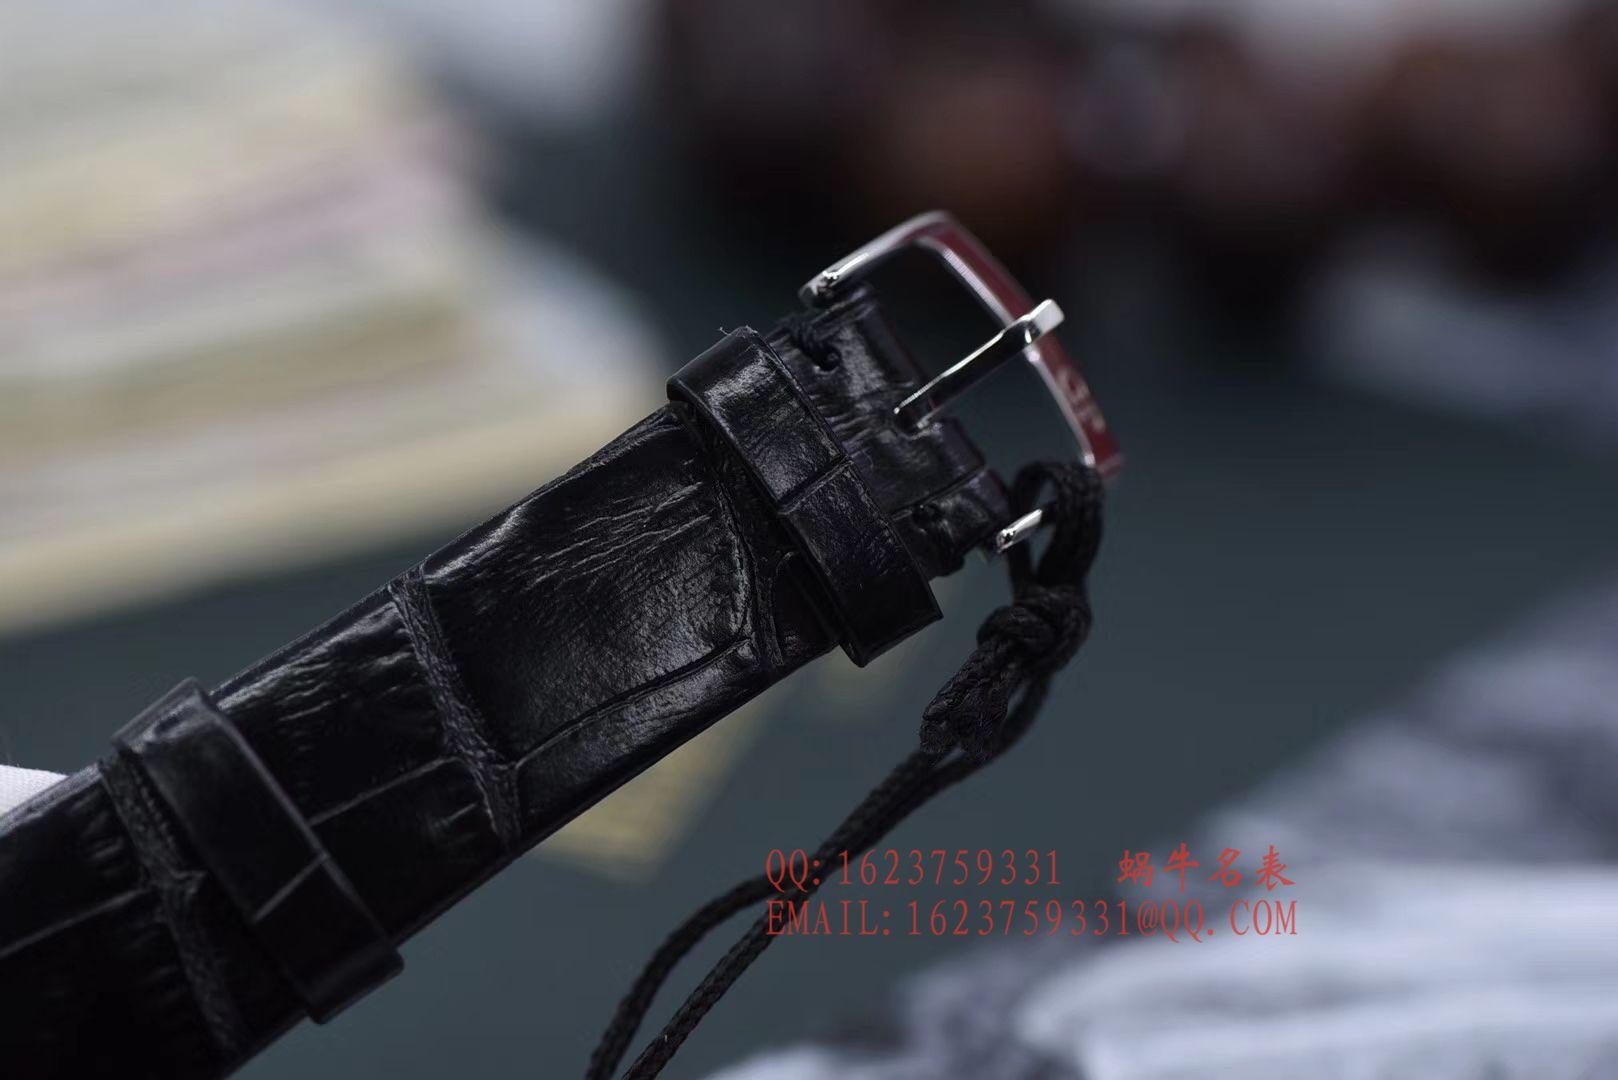 视频评测GP芝柏表1966系列49525-79-431-BK6A腕表【FK一比一精仿手表】 / M015MM